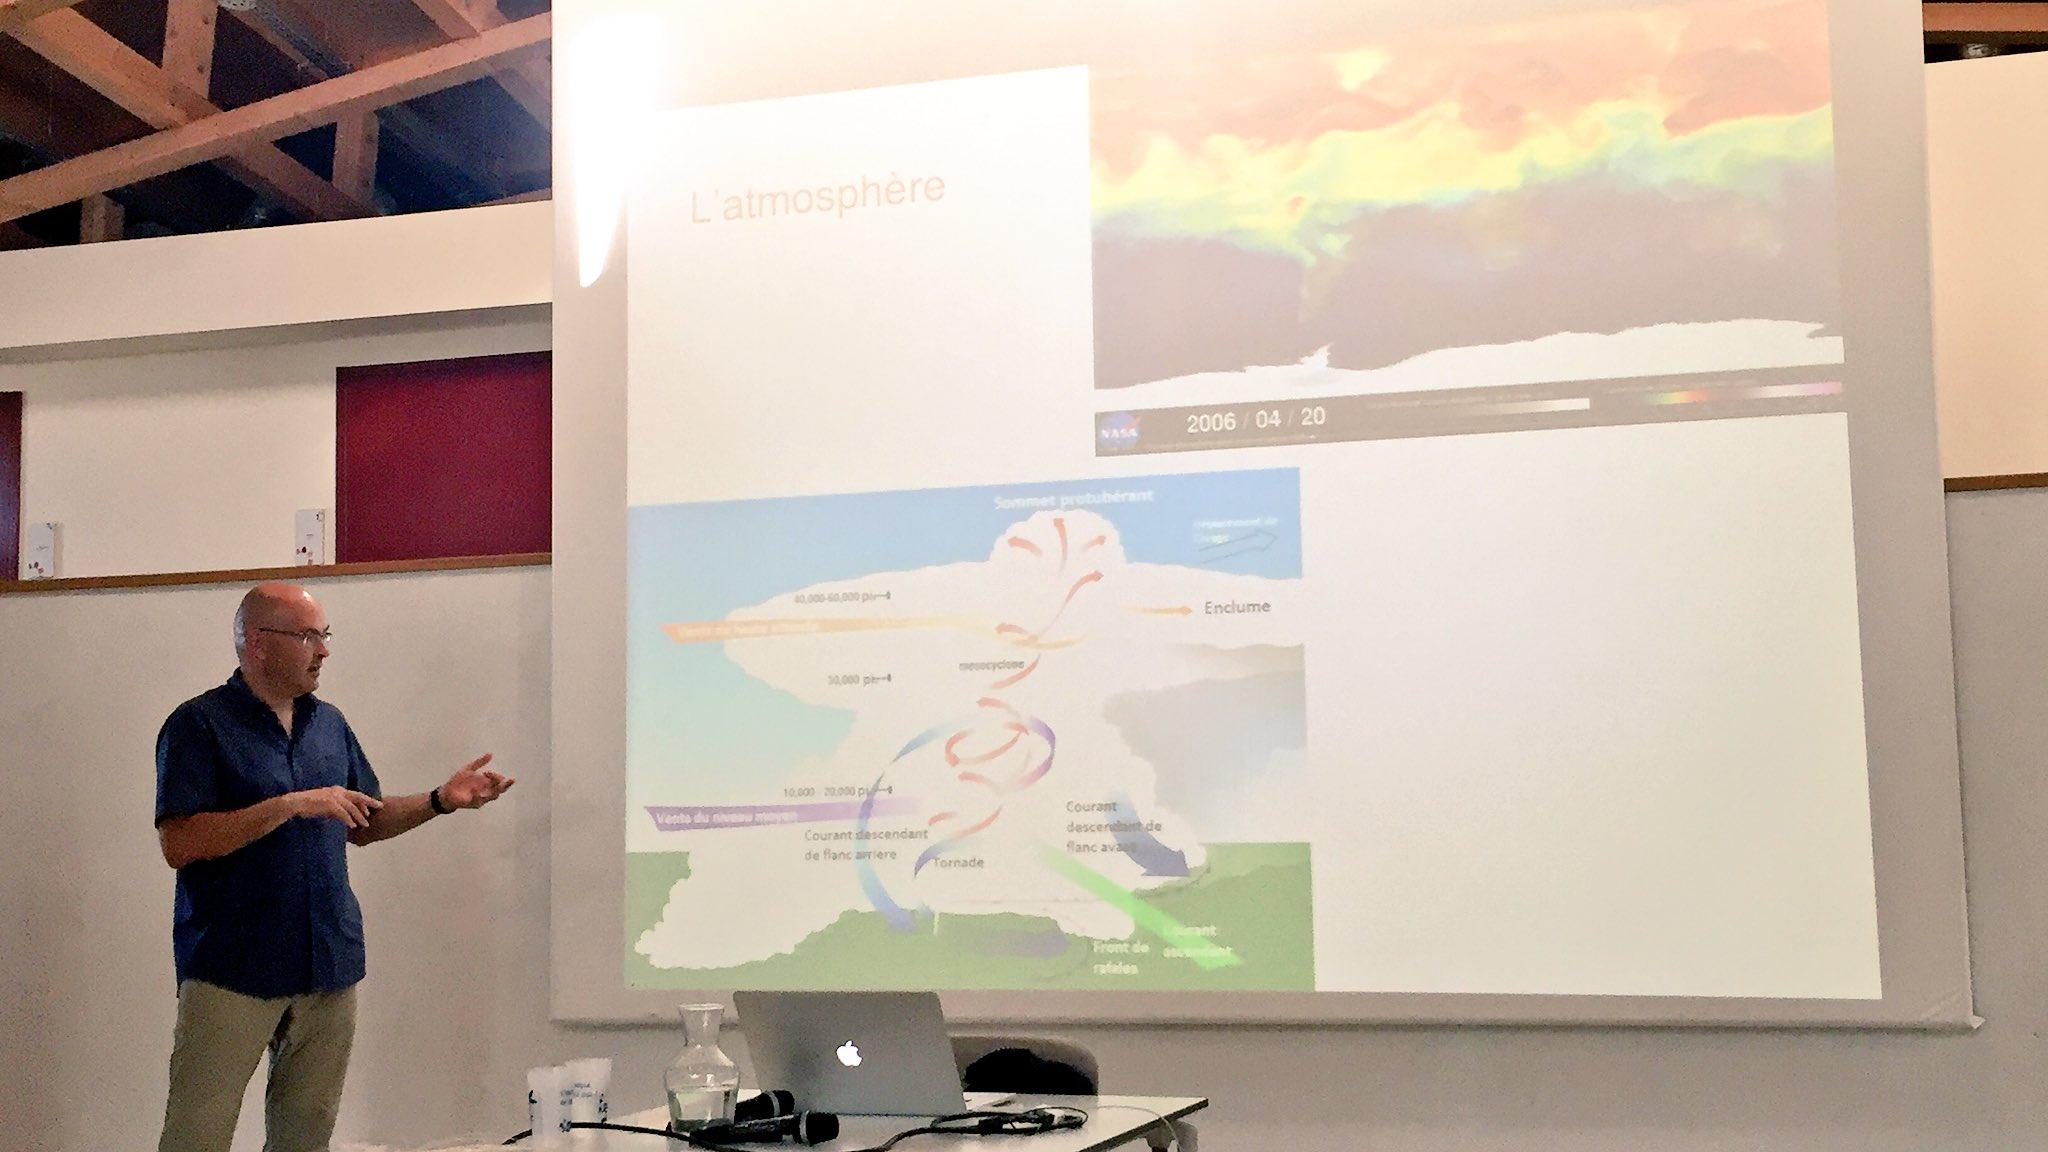 Les simulations numériques ont bcp d'applications:conception d'objets, études spatiales, atmosphère, air #scienceDD https://t.co/gX0YuvJjfK